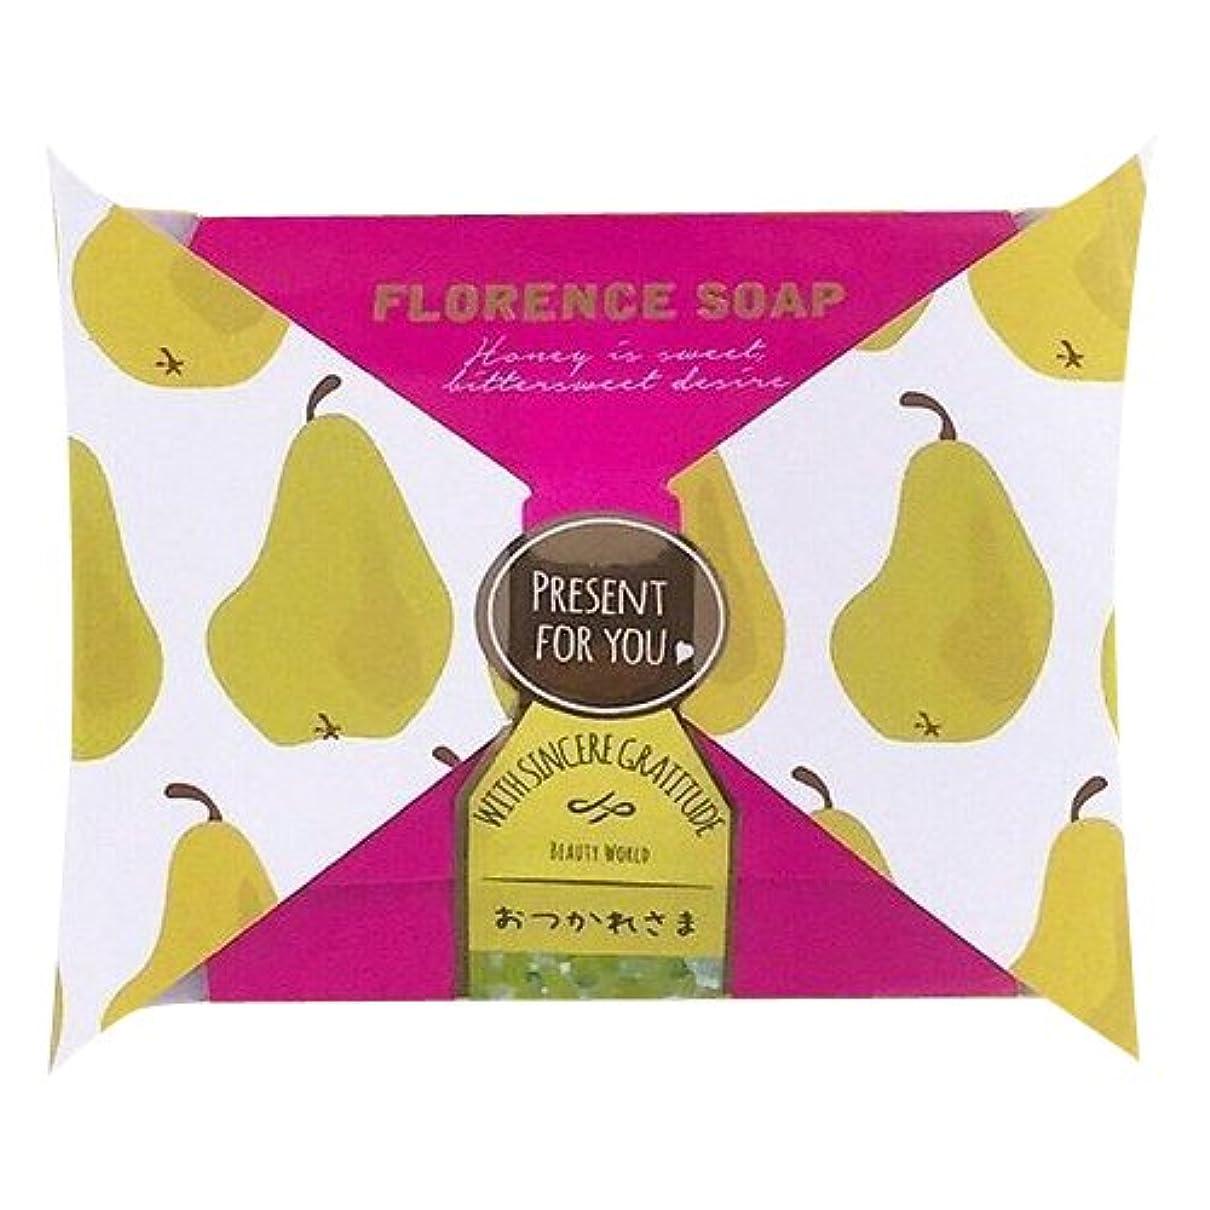 ジョセフバンクス累計はちみつBW フローレンスの香り石けん リボンパッケージ FSP386 密の甘く切ない願い (35g)